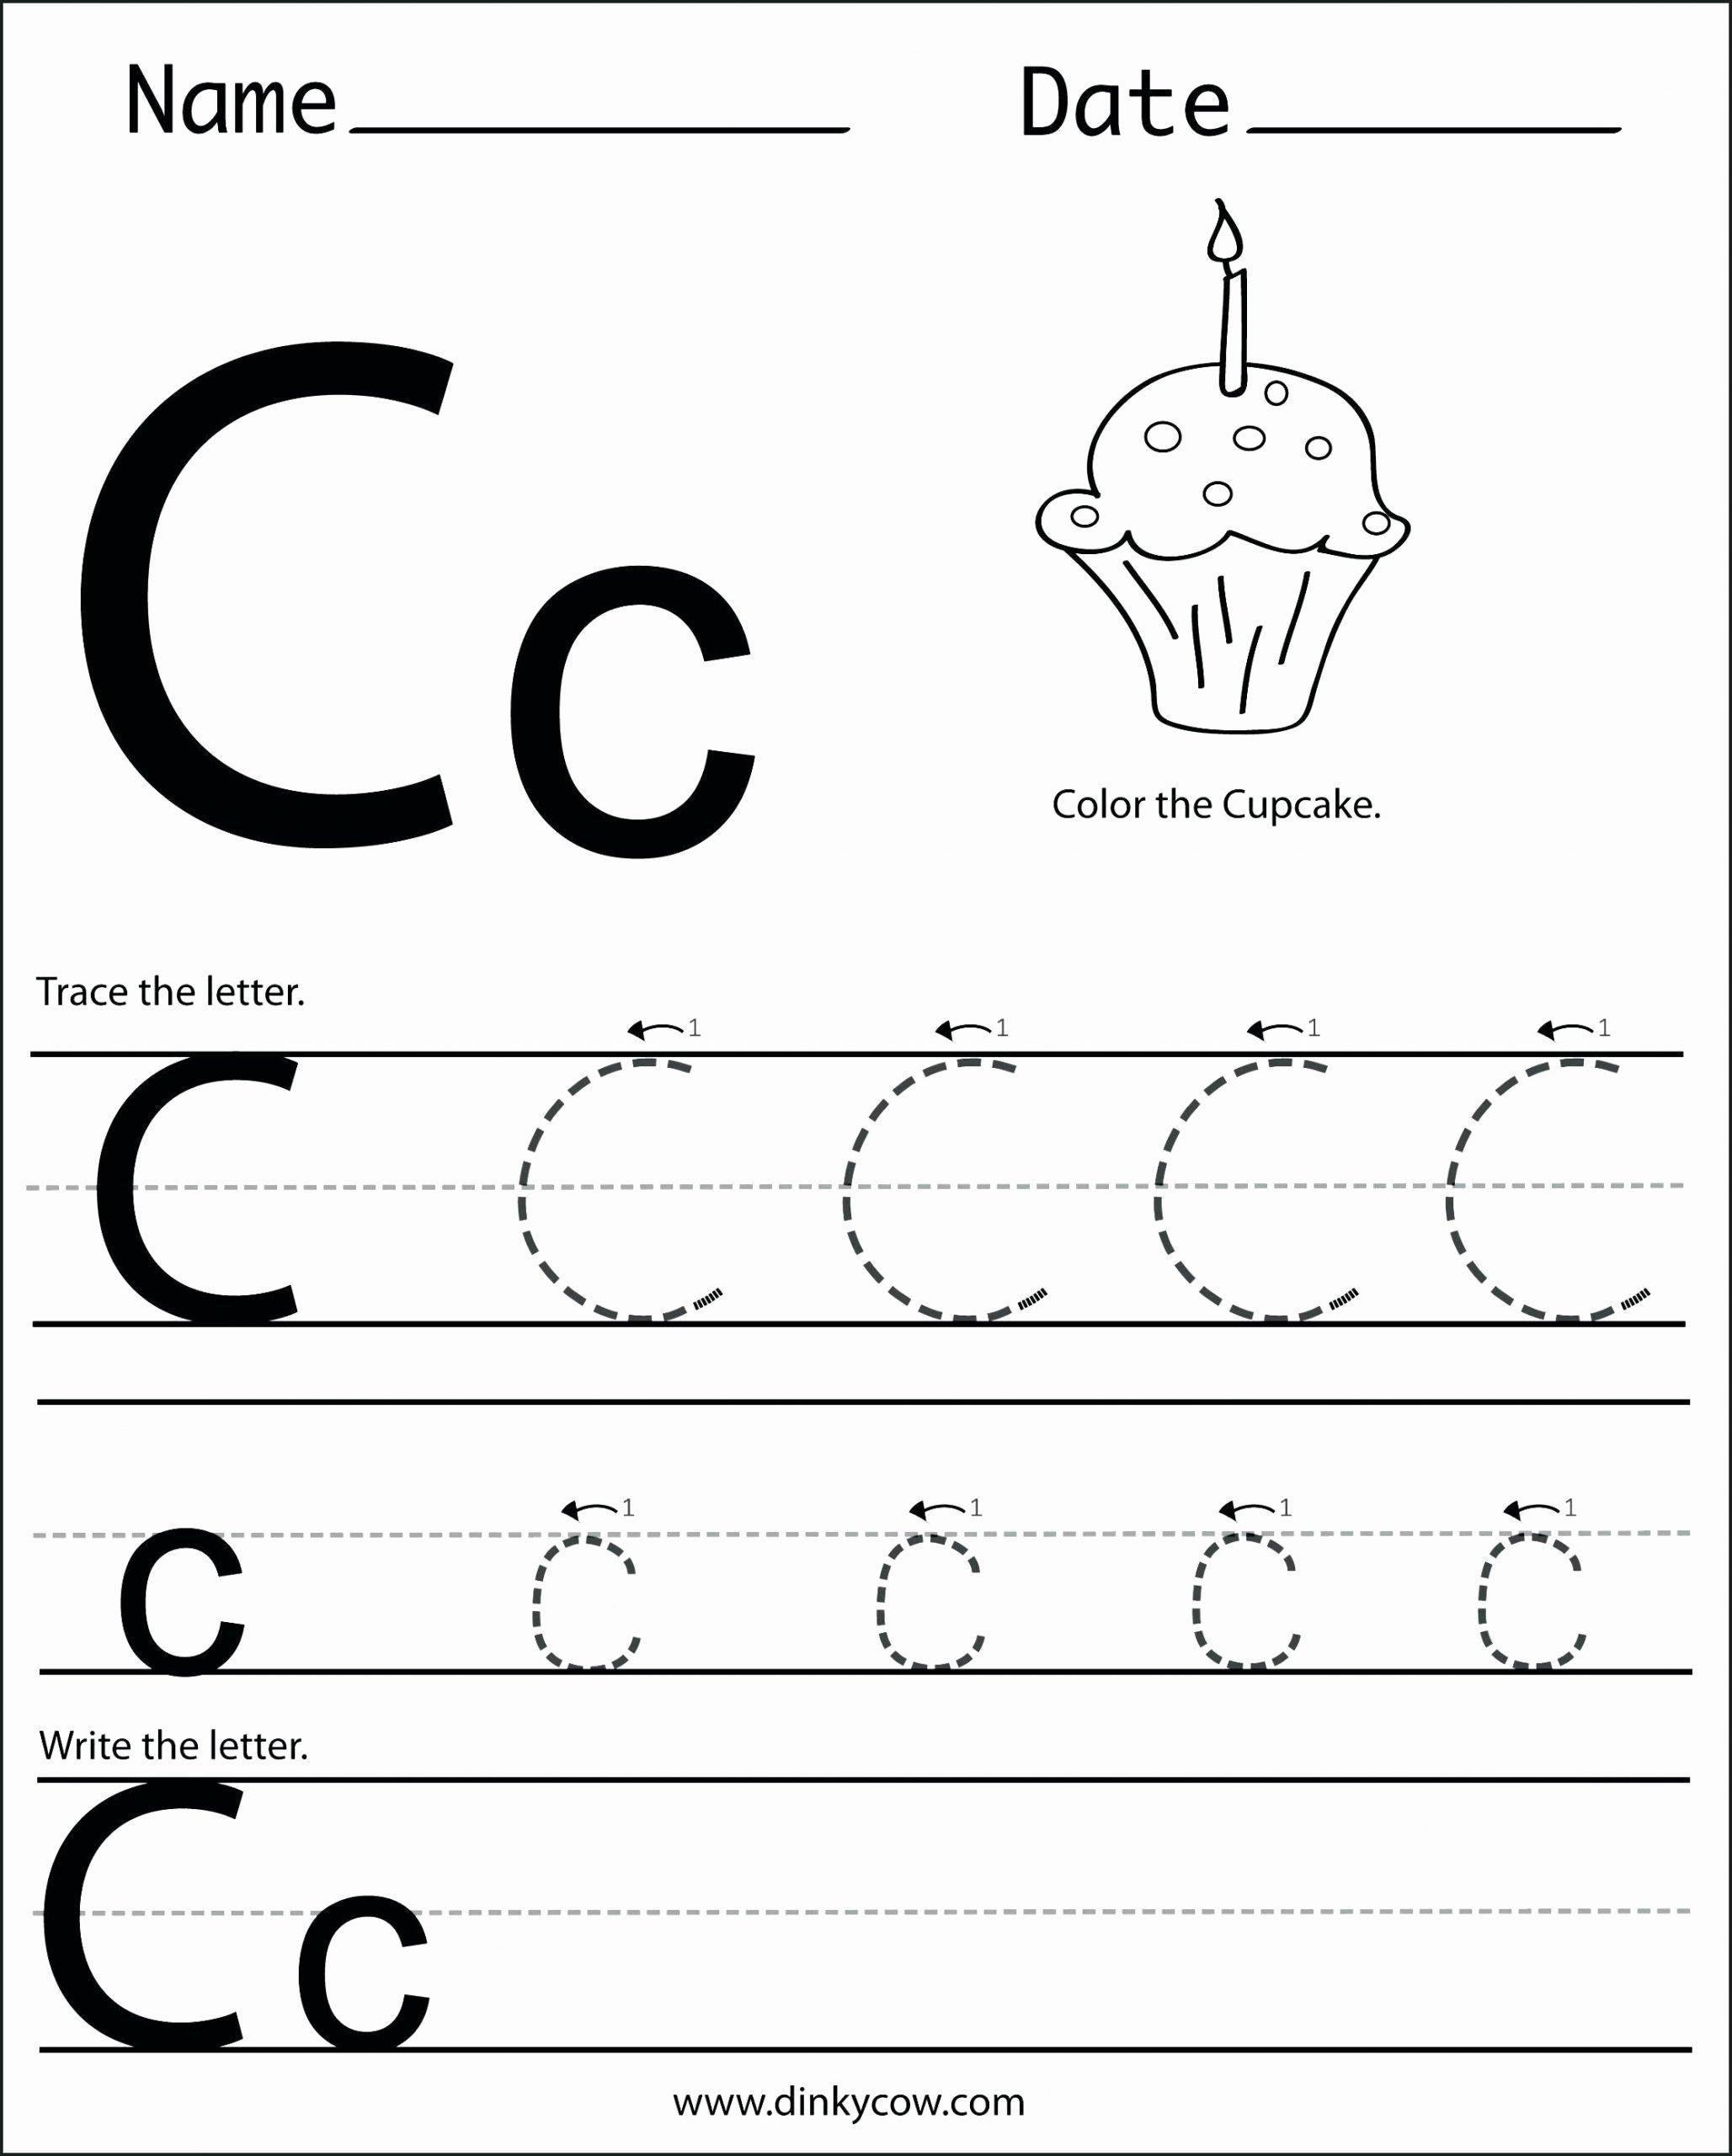 C Worksheets for Preschoolers Kids Letter C Worksheets to Learning Letter C Worksheets Misc